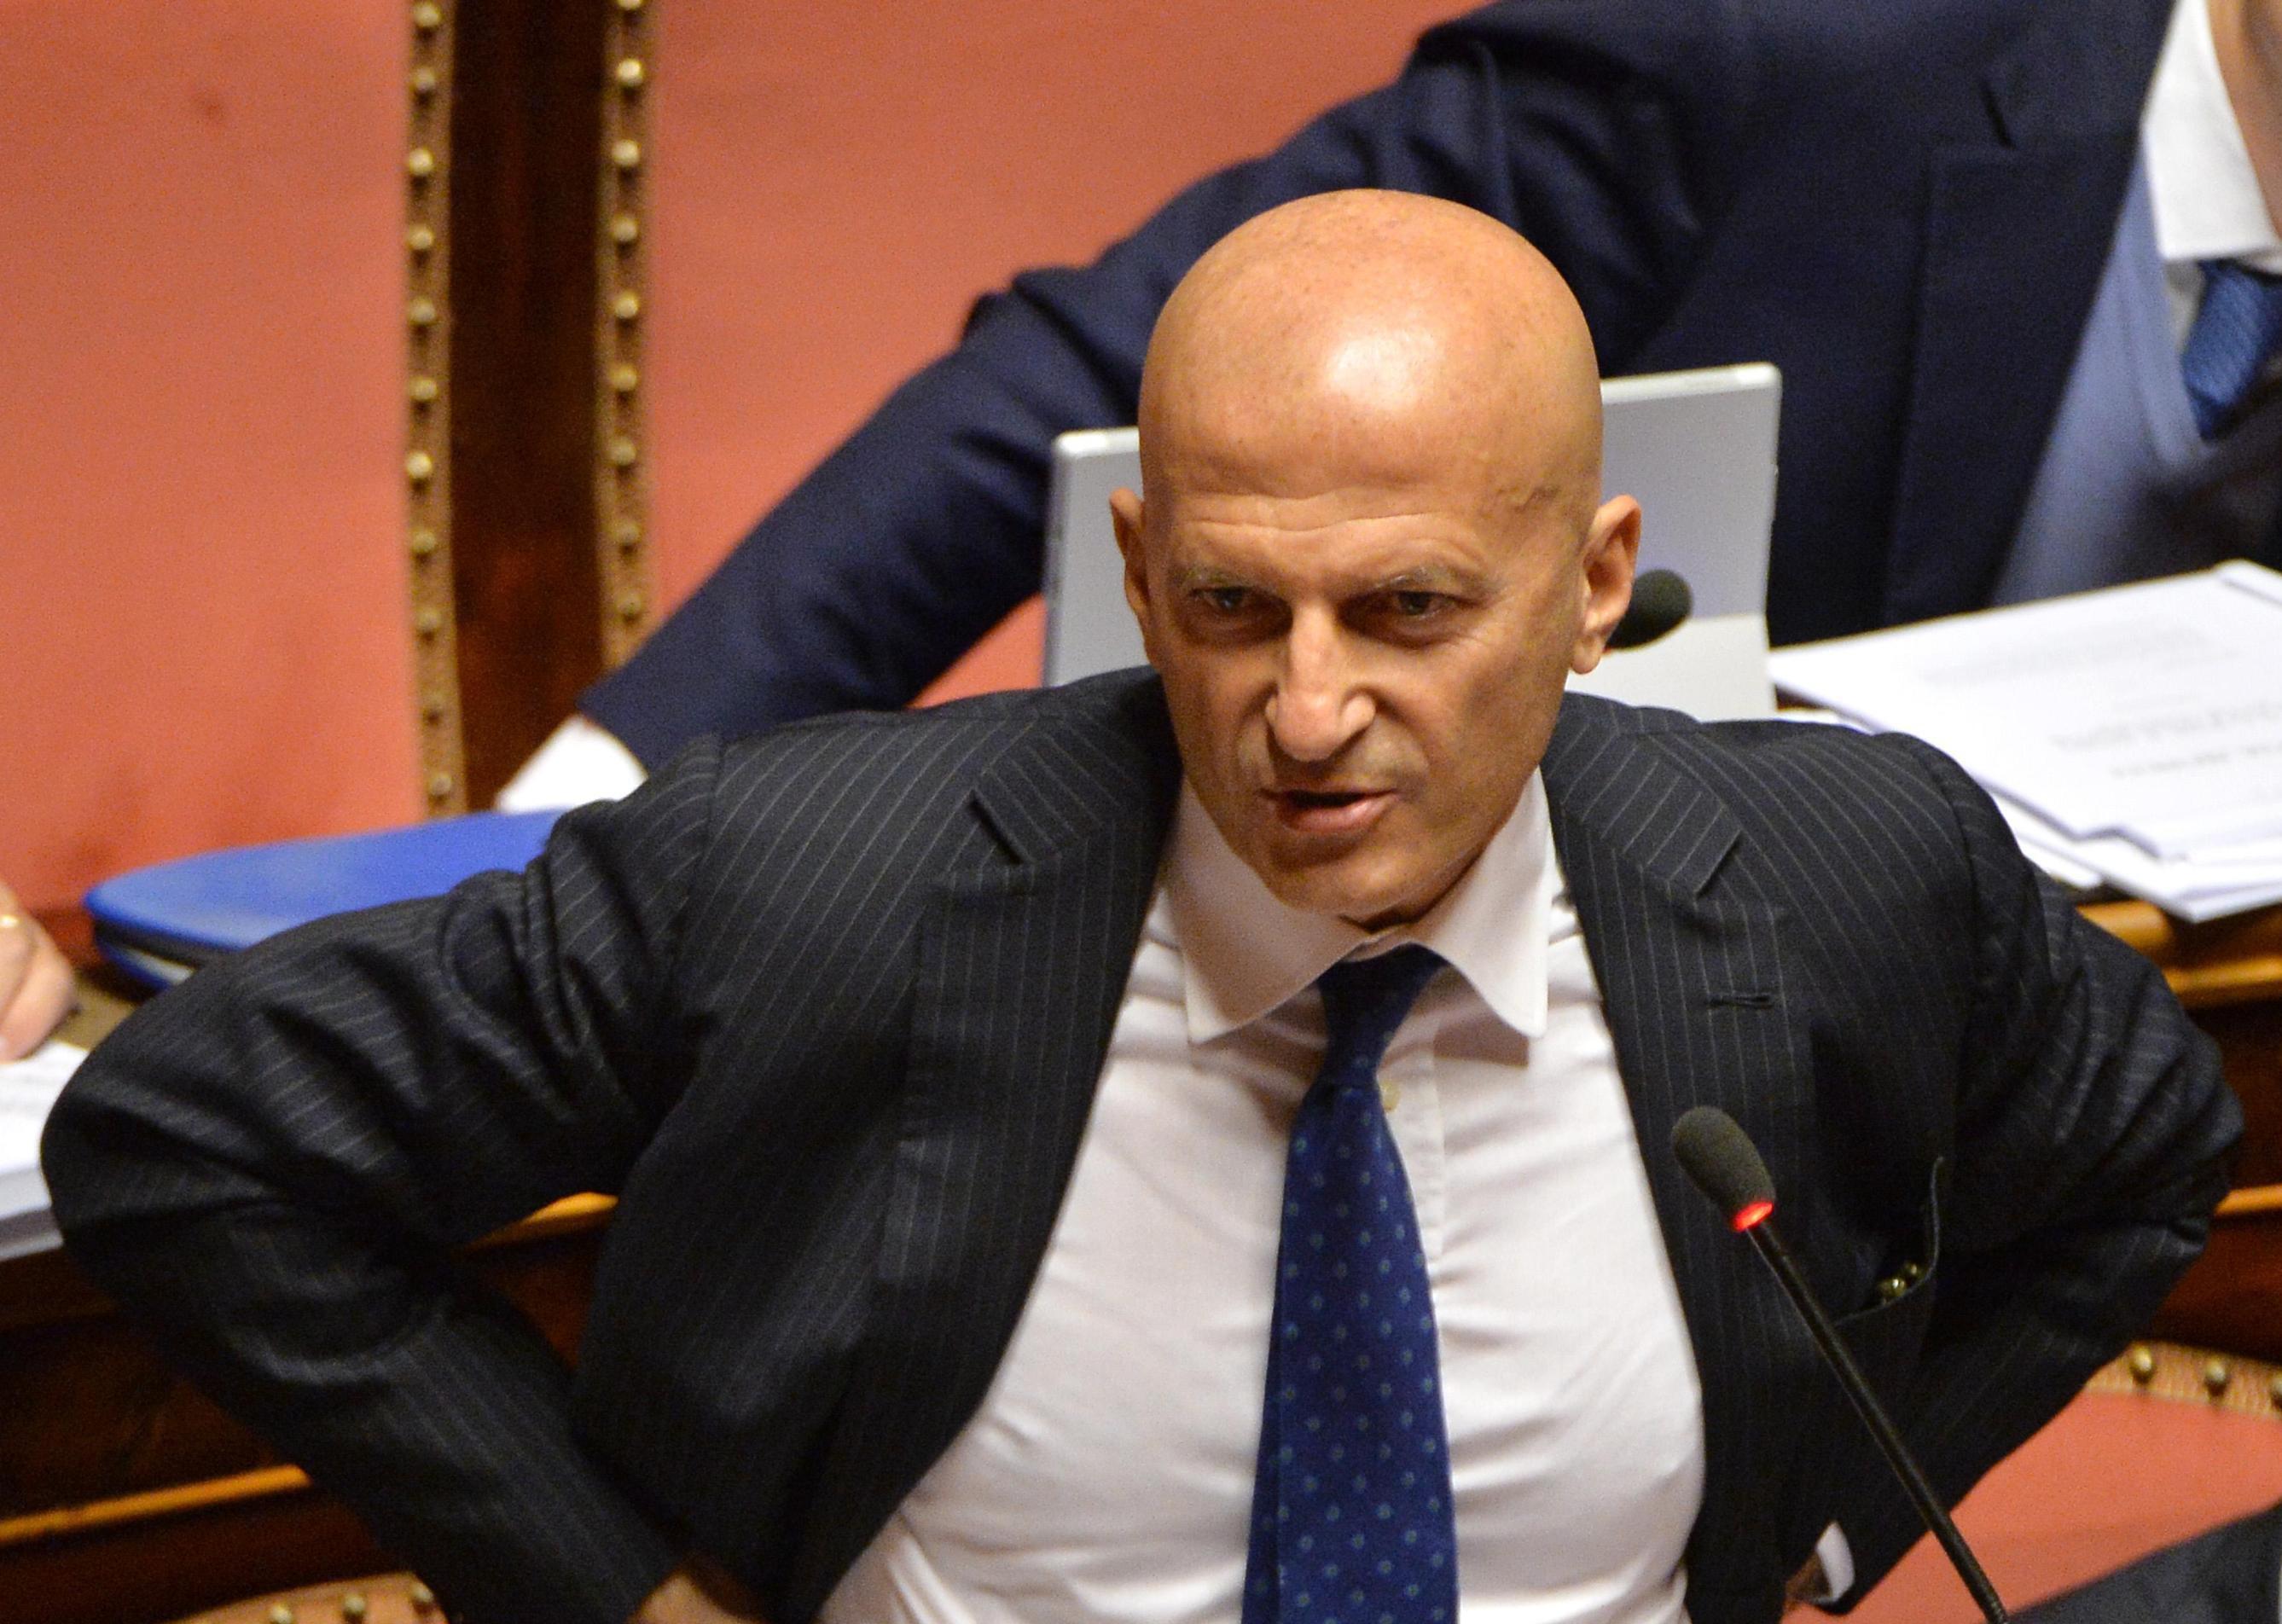 Senato minzolini presenta le dimissioni sono una for Senato italia